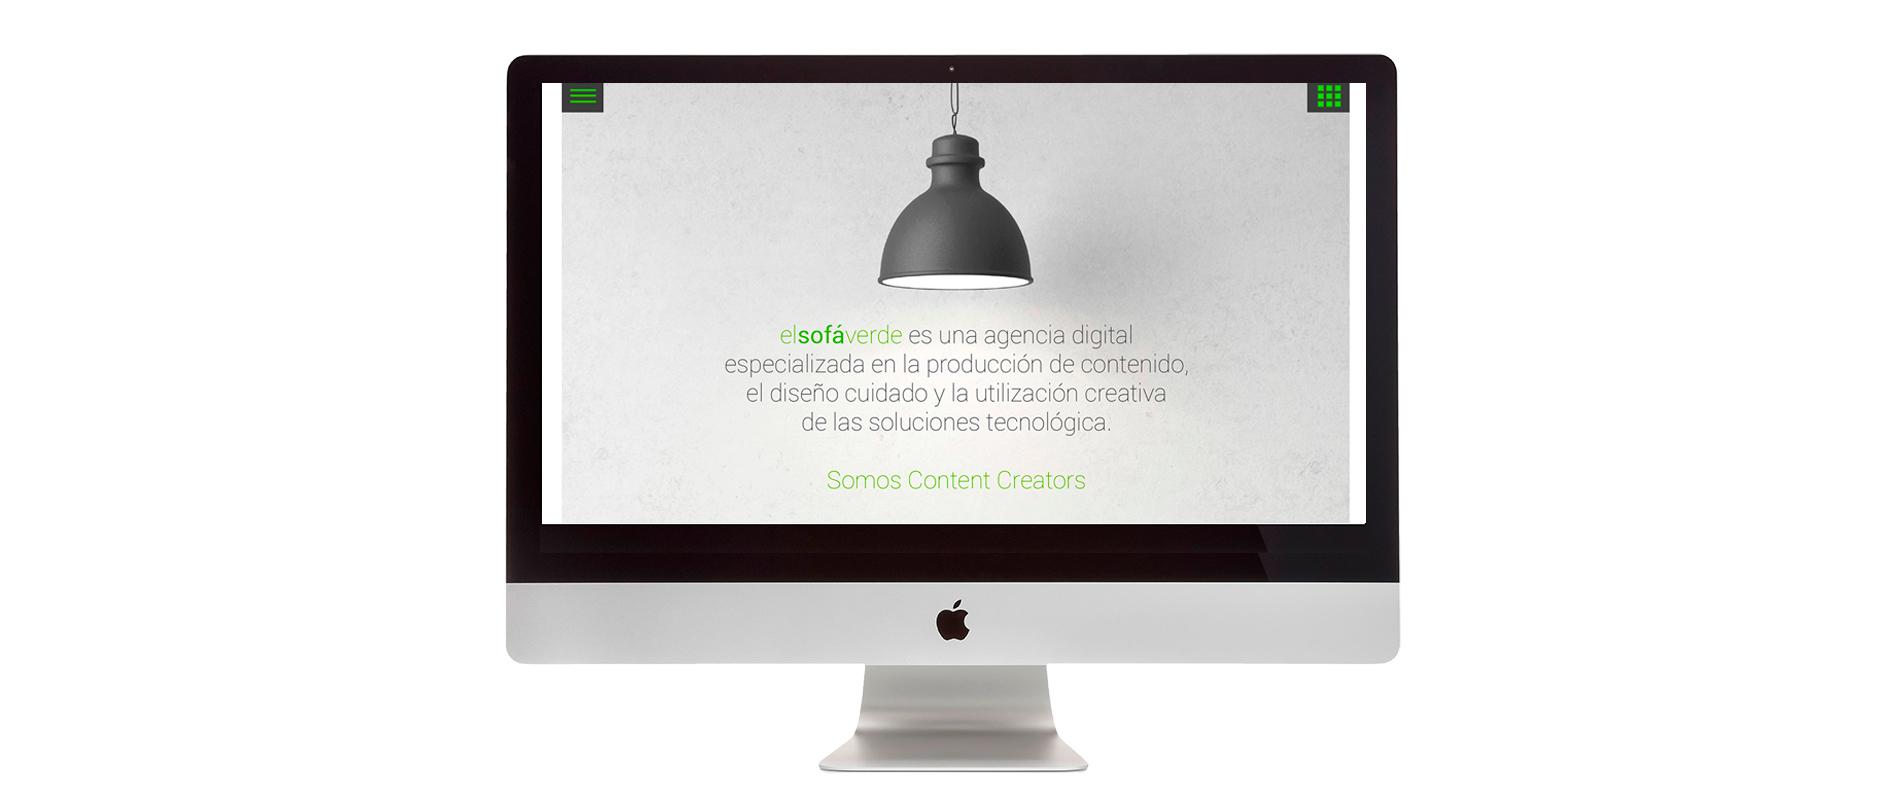 mac_sofa2